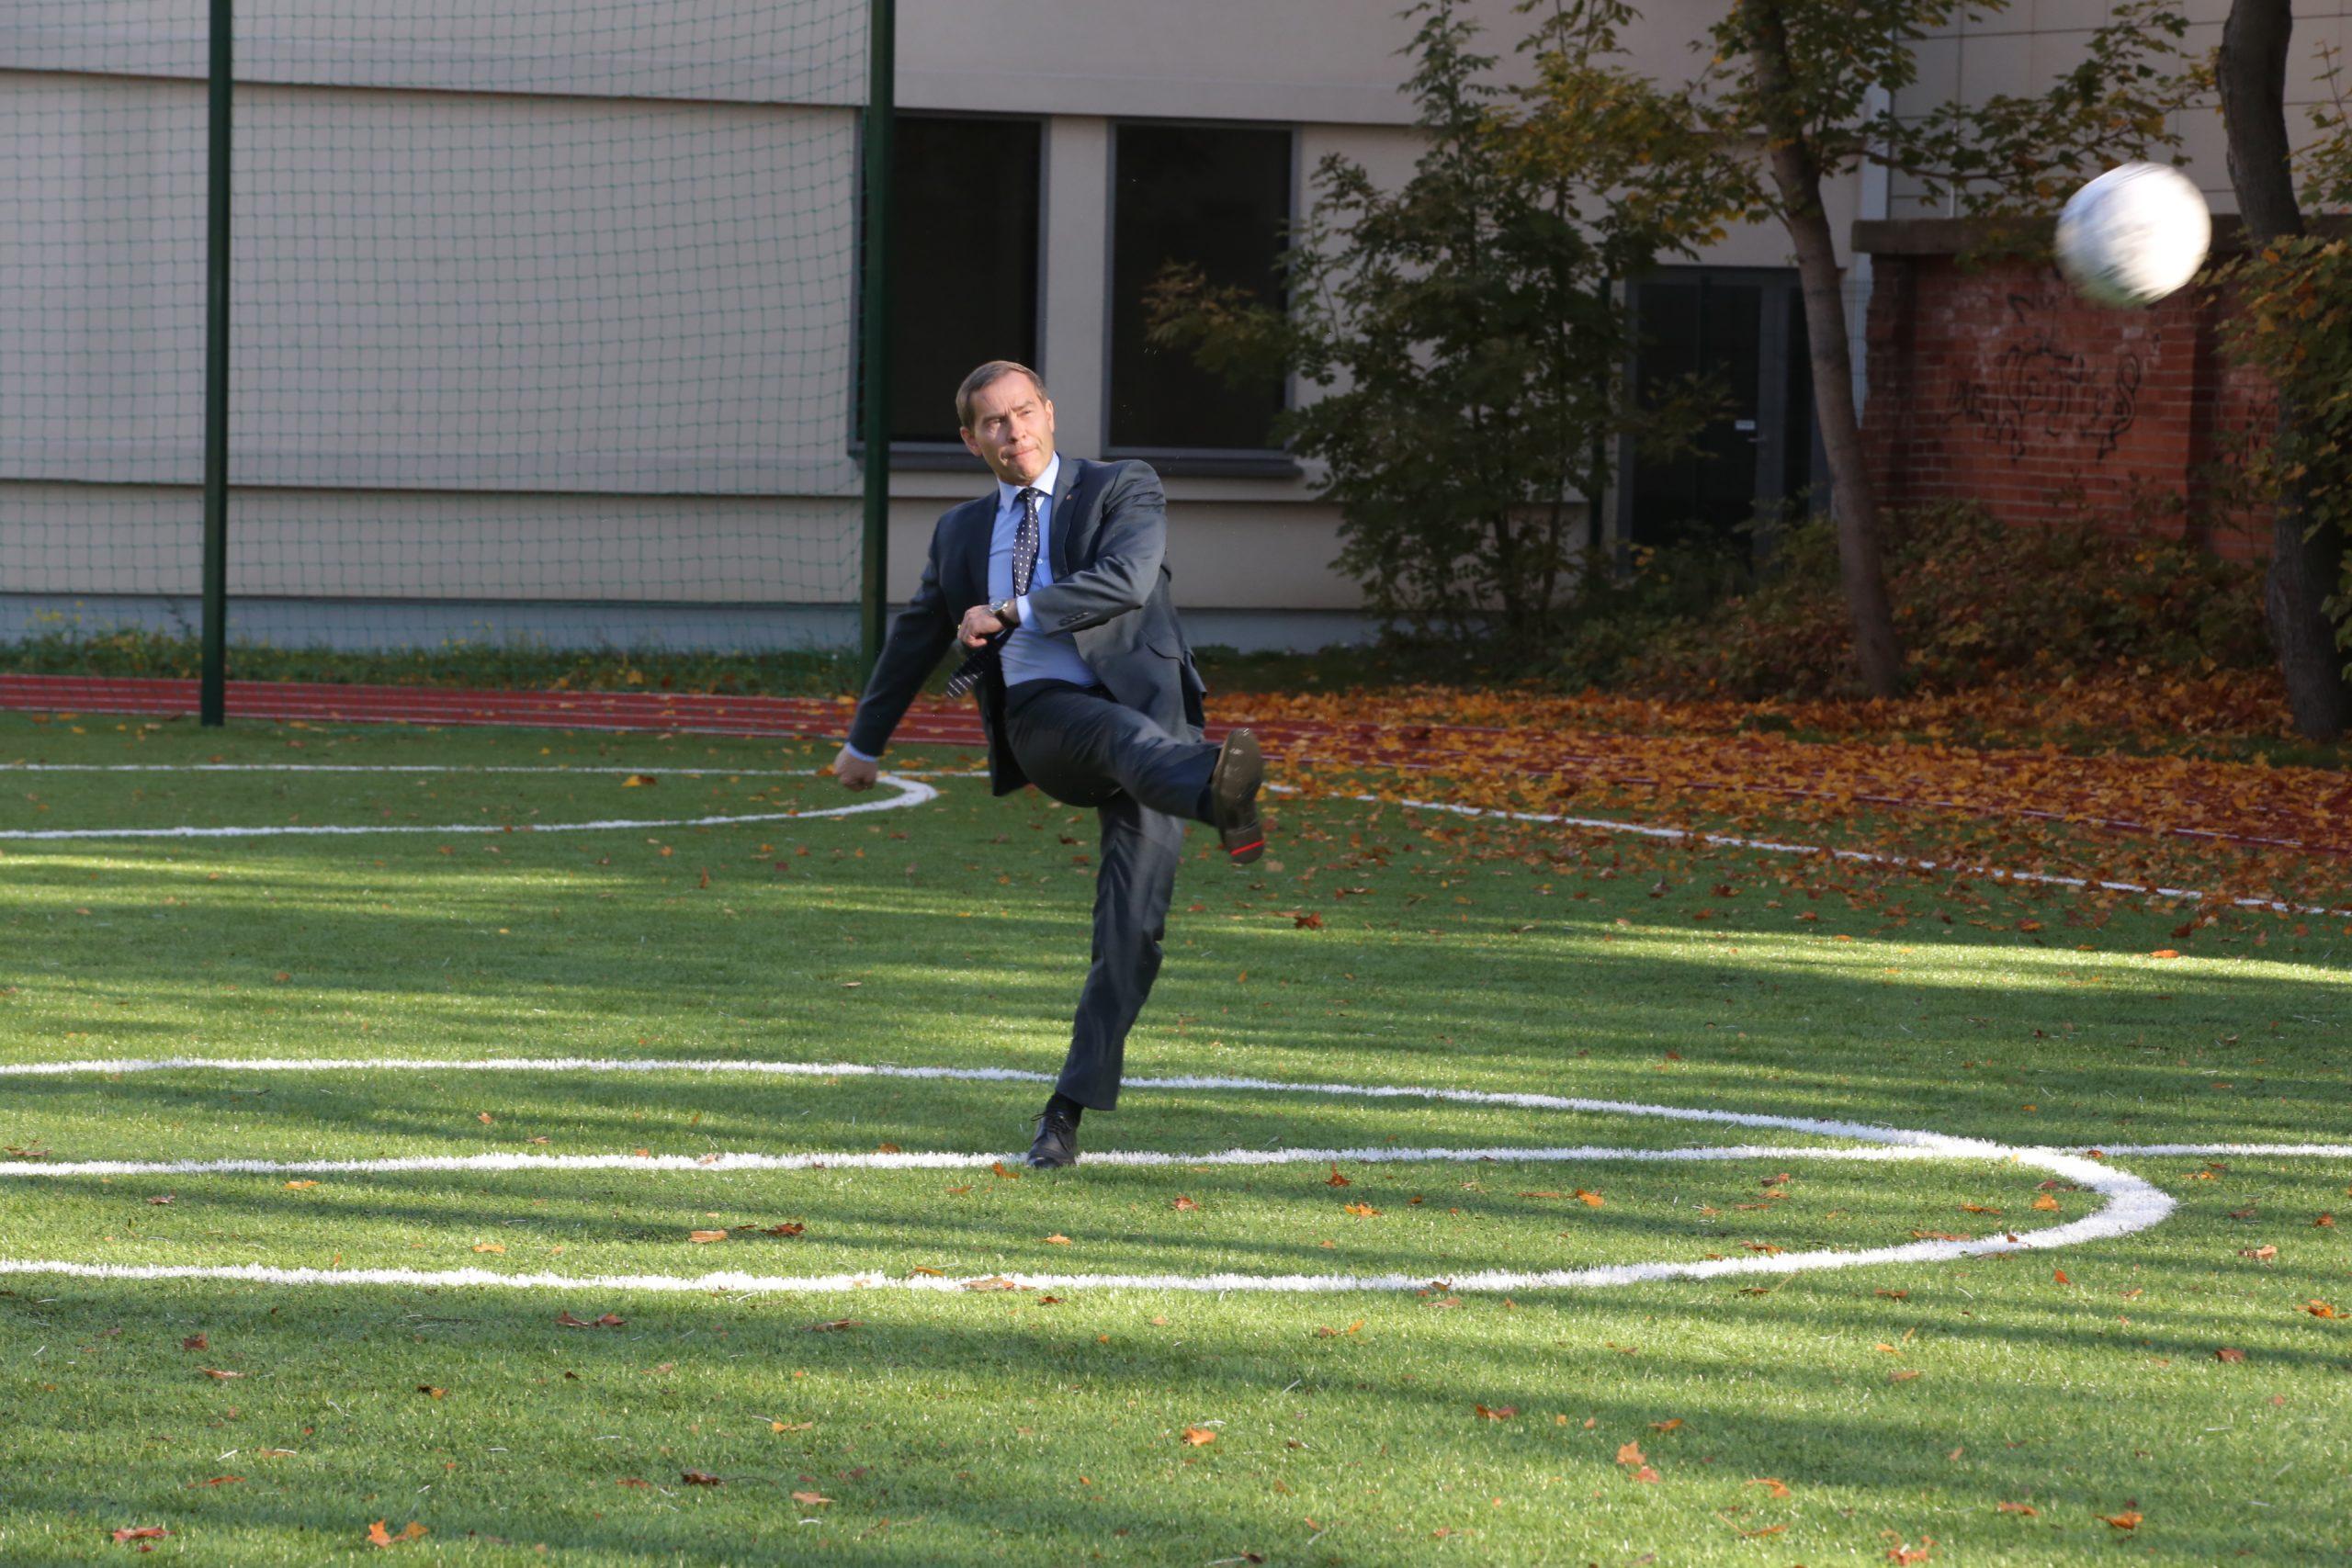 Klaipëdos Vytauto Didþiojo gimnazijos kieme oficialiai atidarytas naujas sporto aikðtynas. Savivaldybës administracijos direktorius Saulius Budinas - futbolo aikðtëje - smûgiavo kamuolá á vartus (ámuðë ávartá) Atidarymas